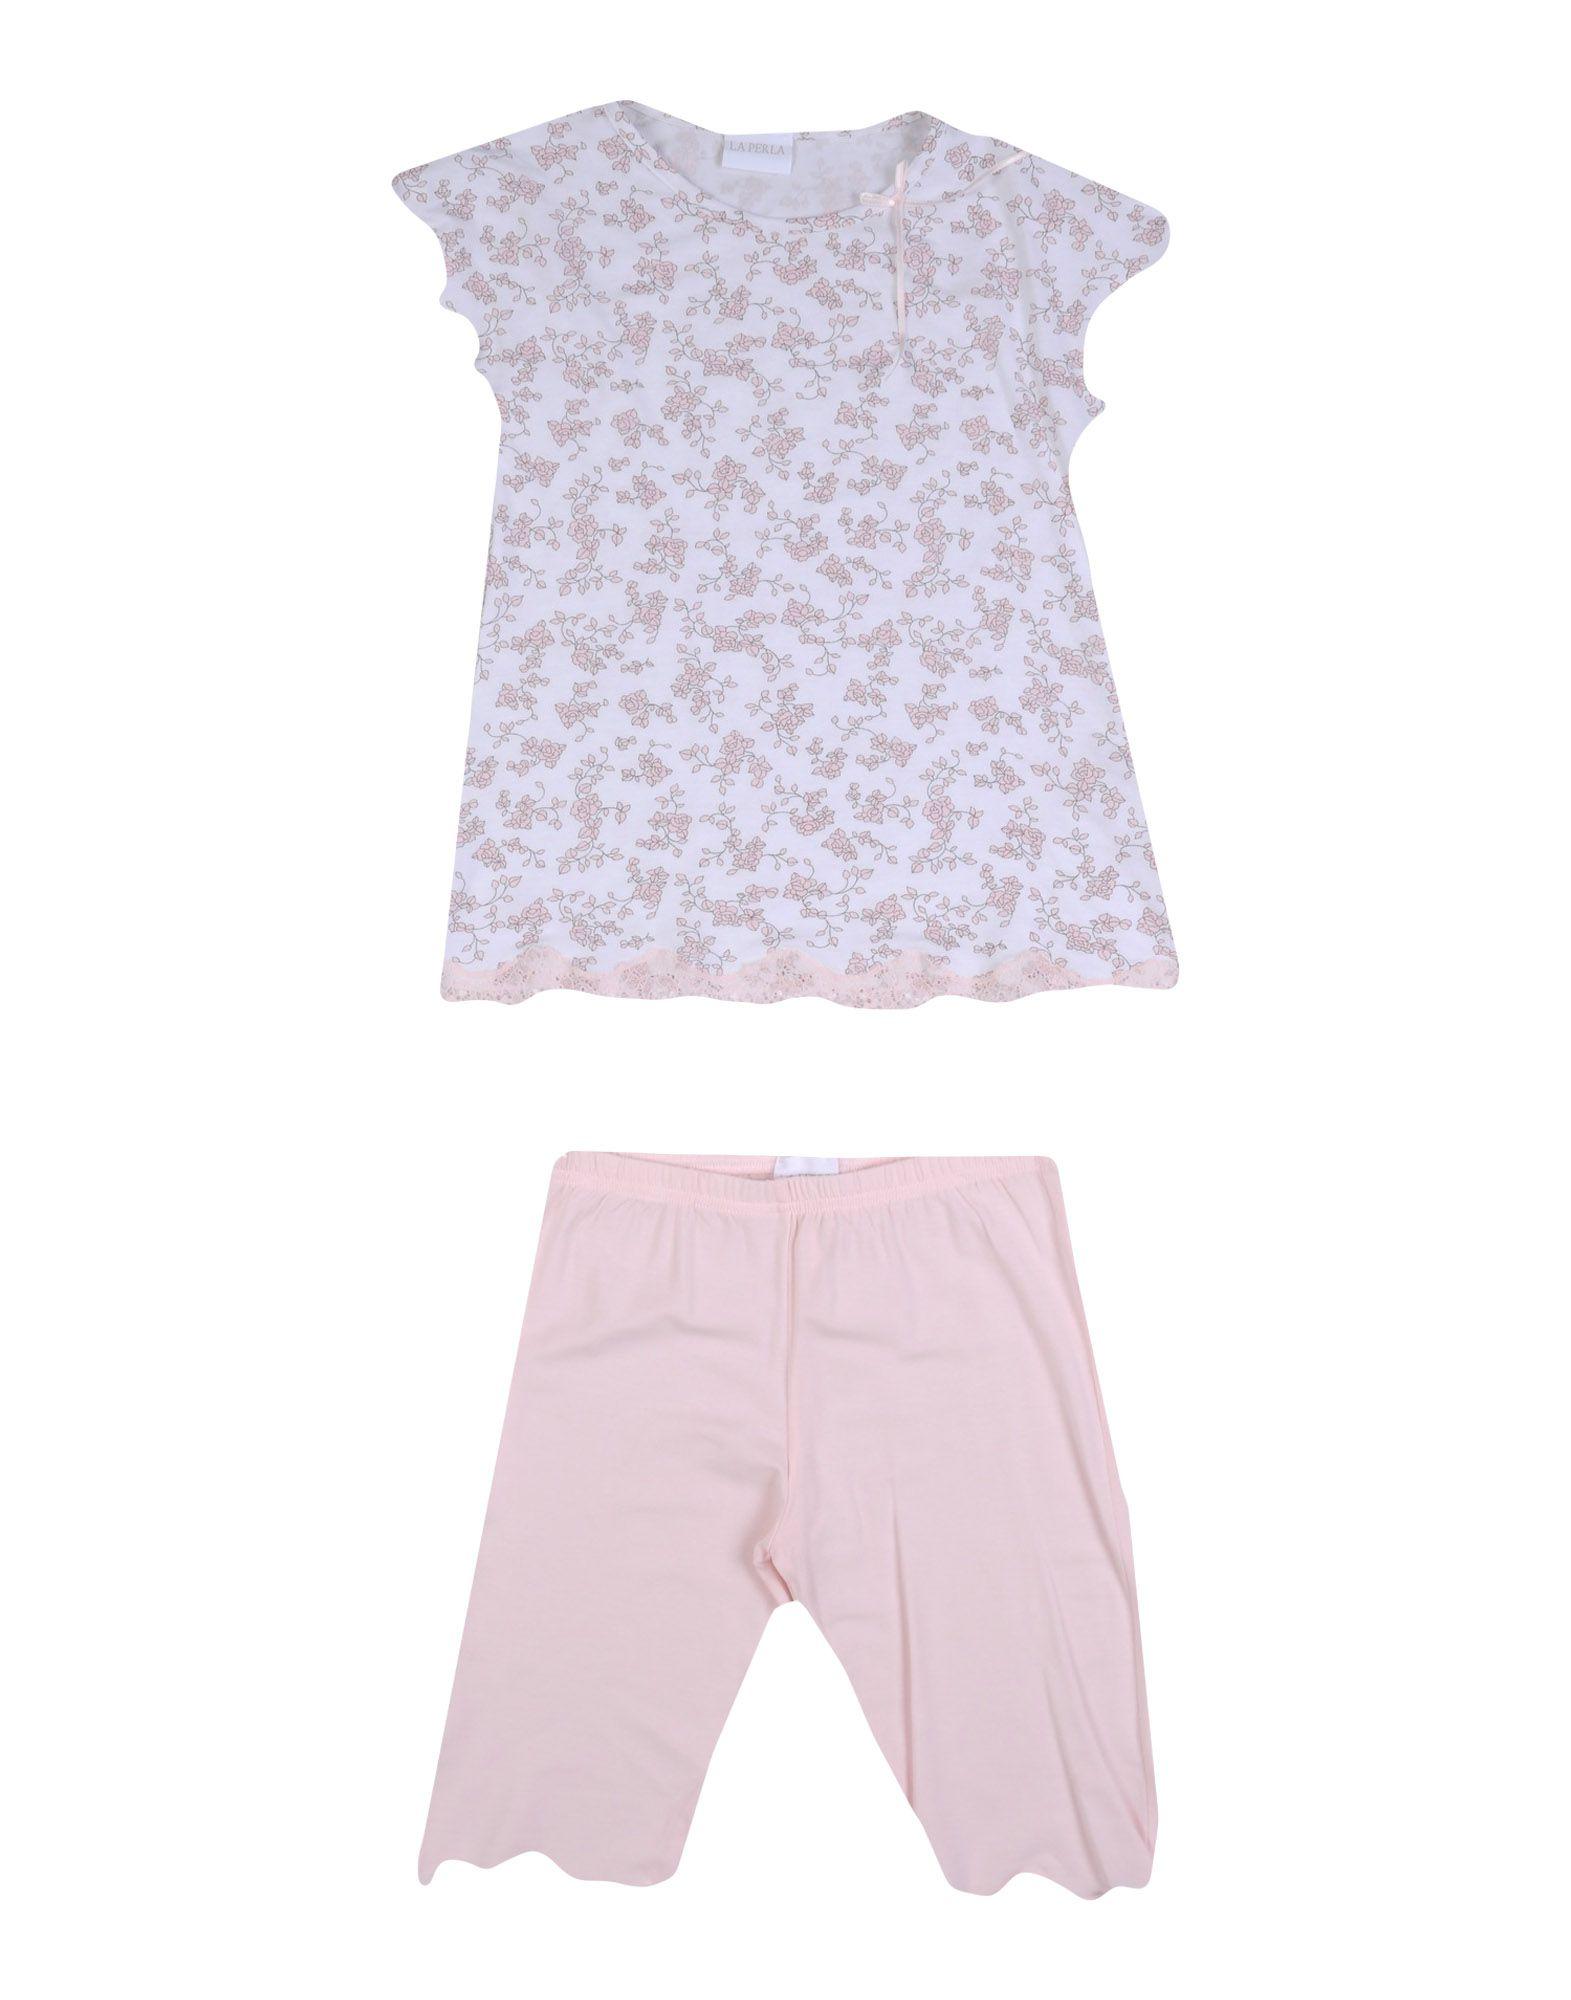 LA PERLA Sleepwear